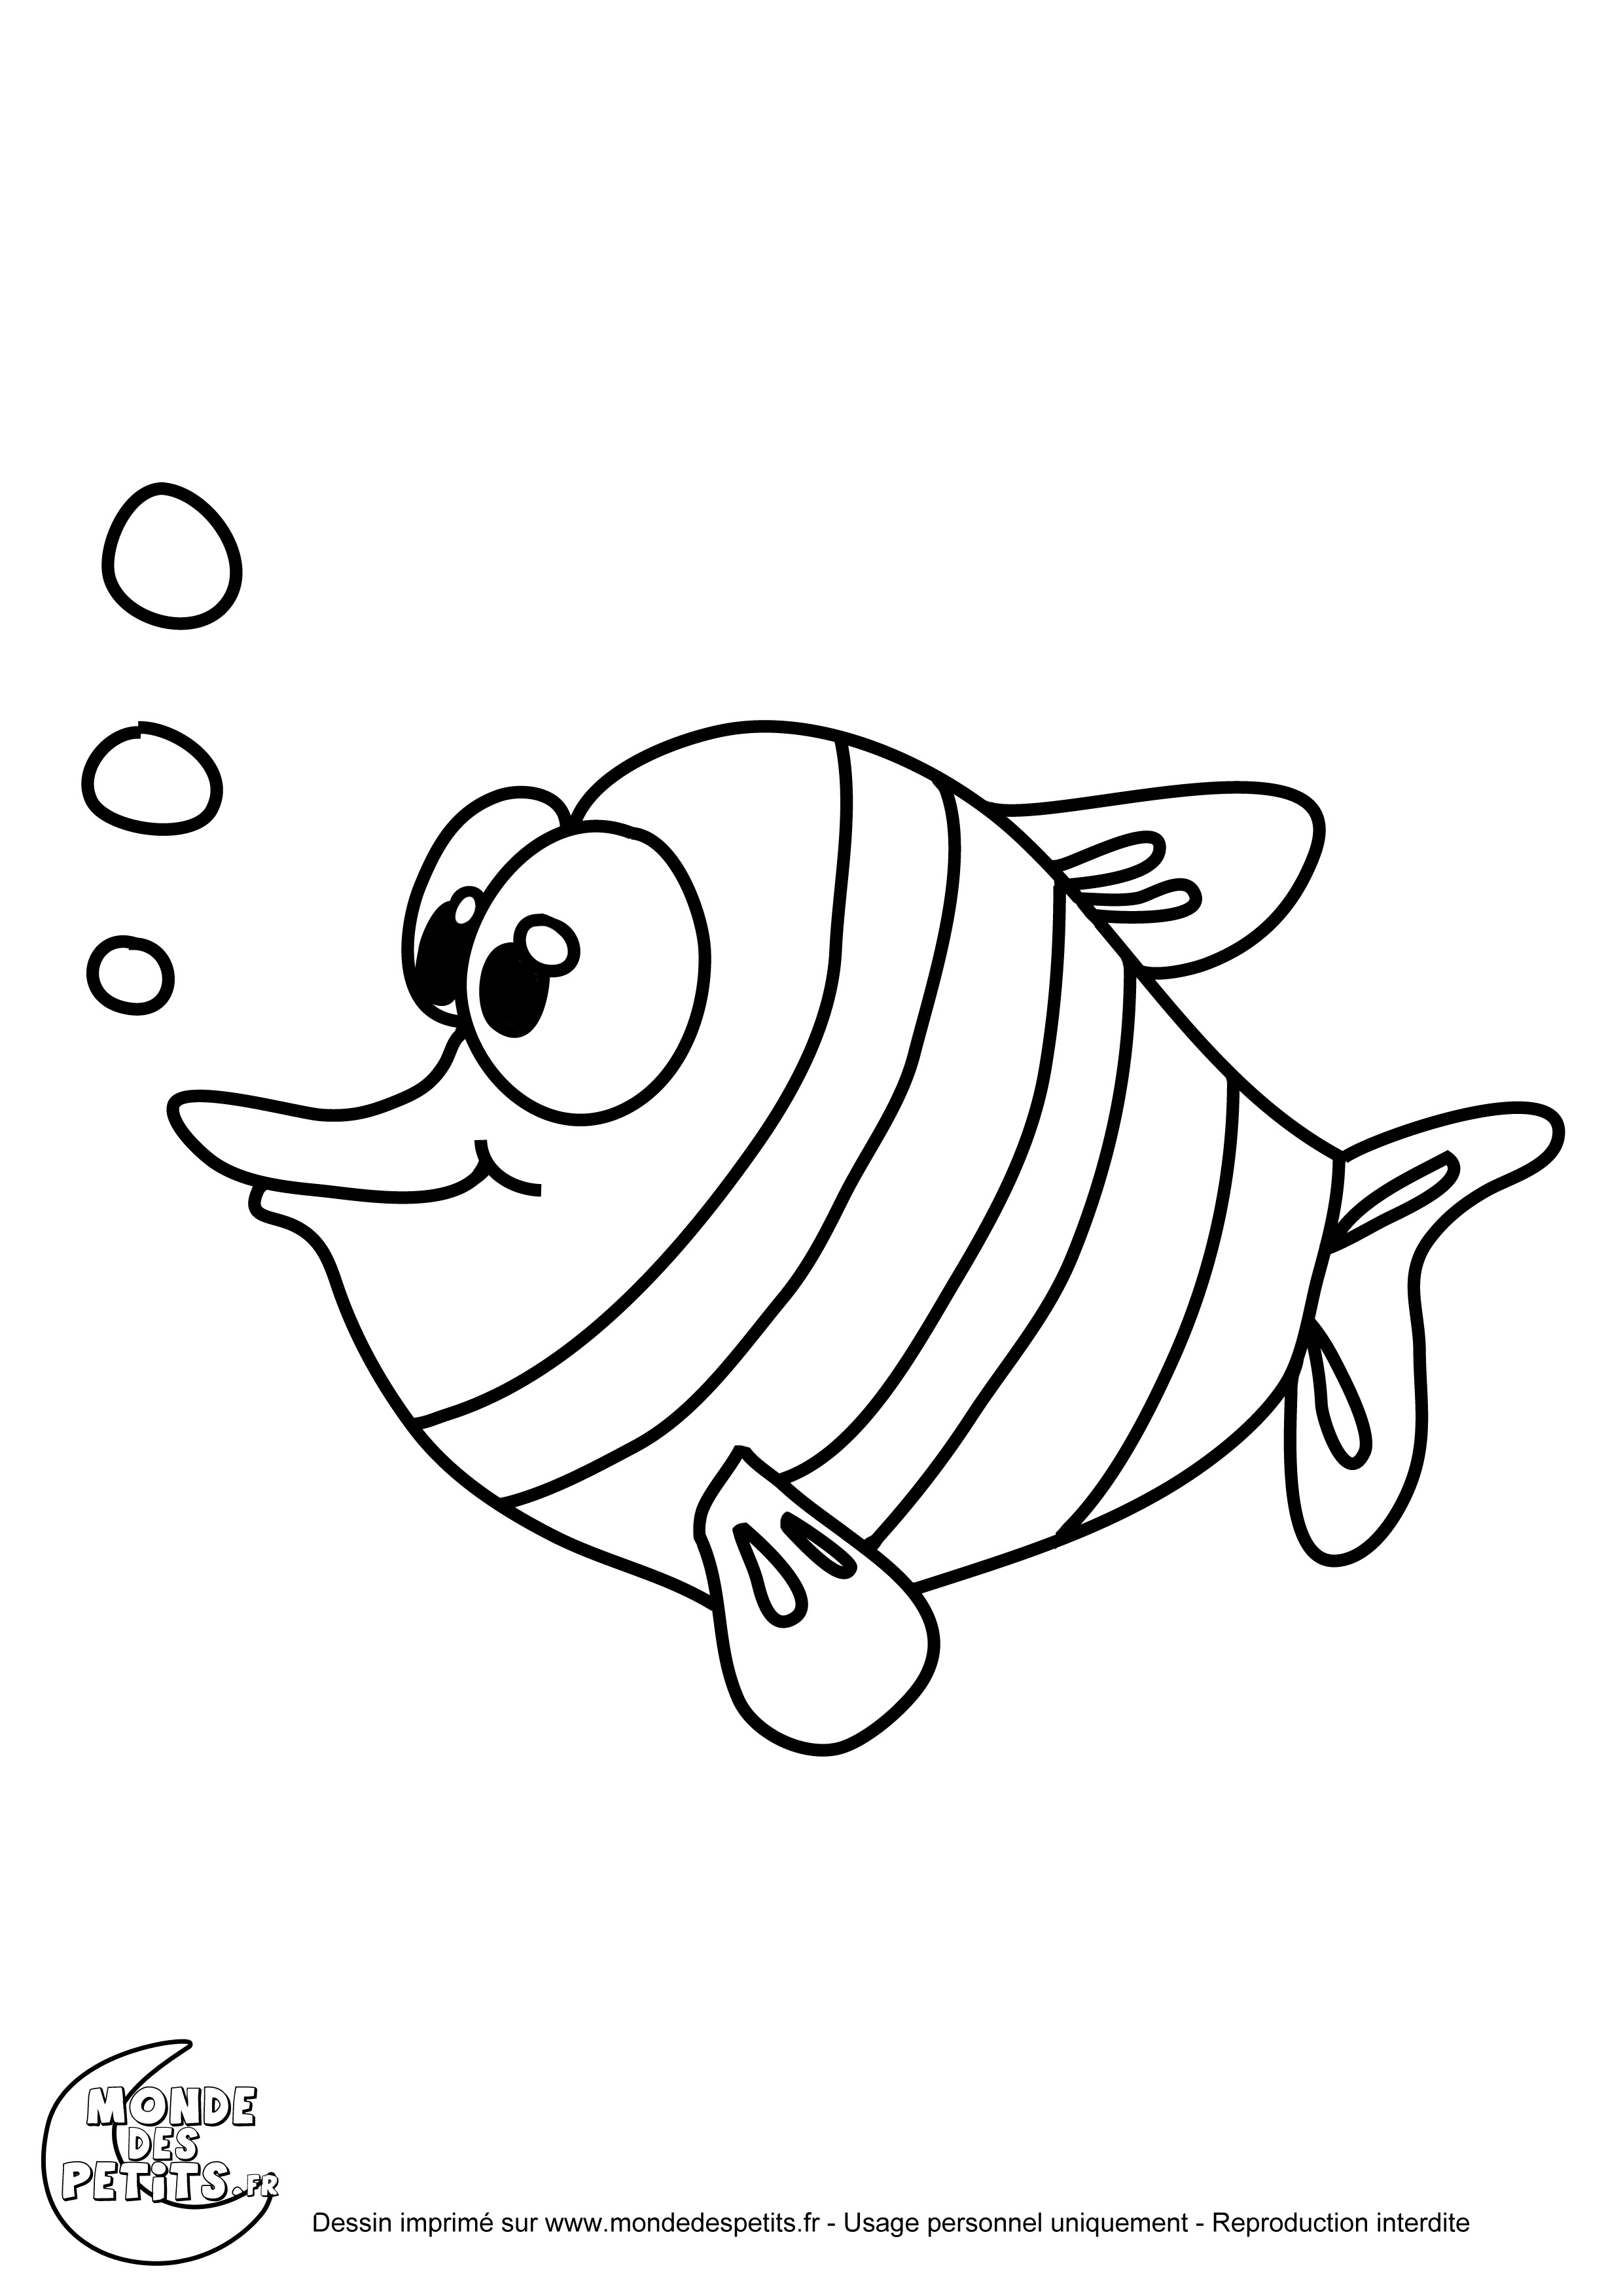 Unique dessin a colorier et a imprimer de poisson - Coloriages poissons ...